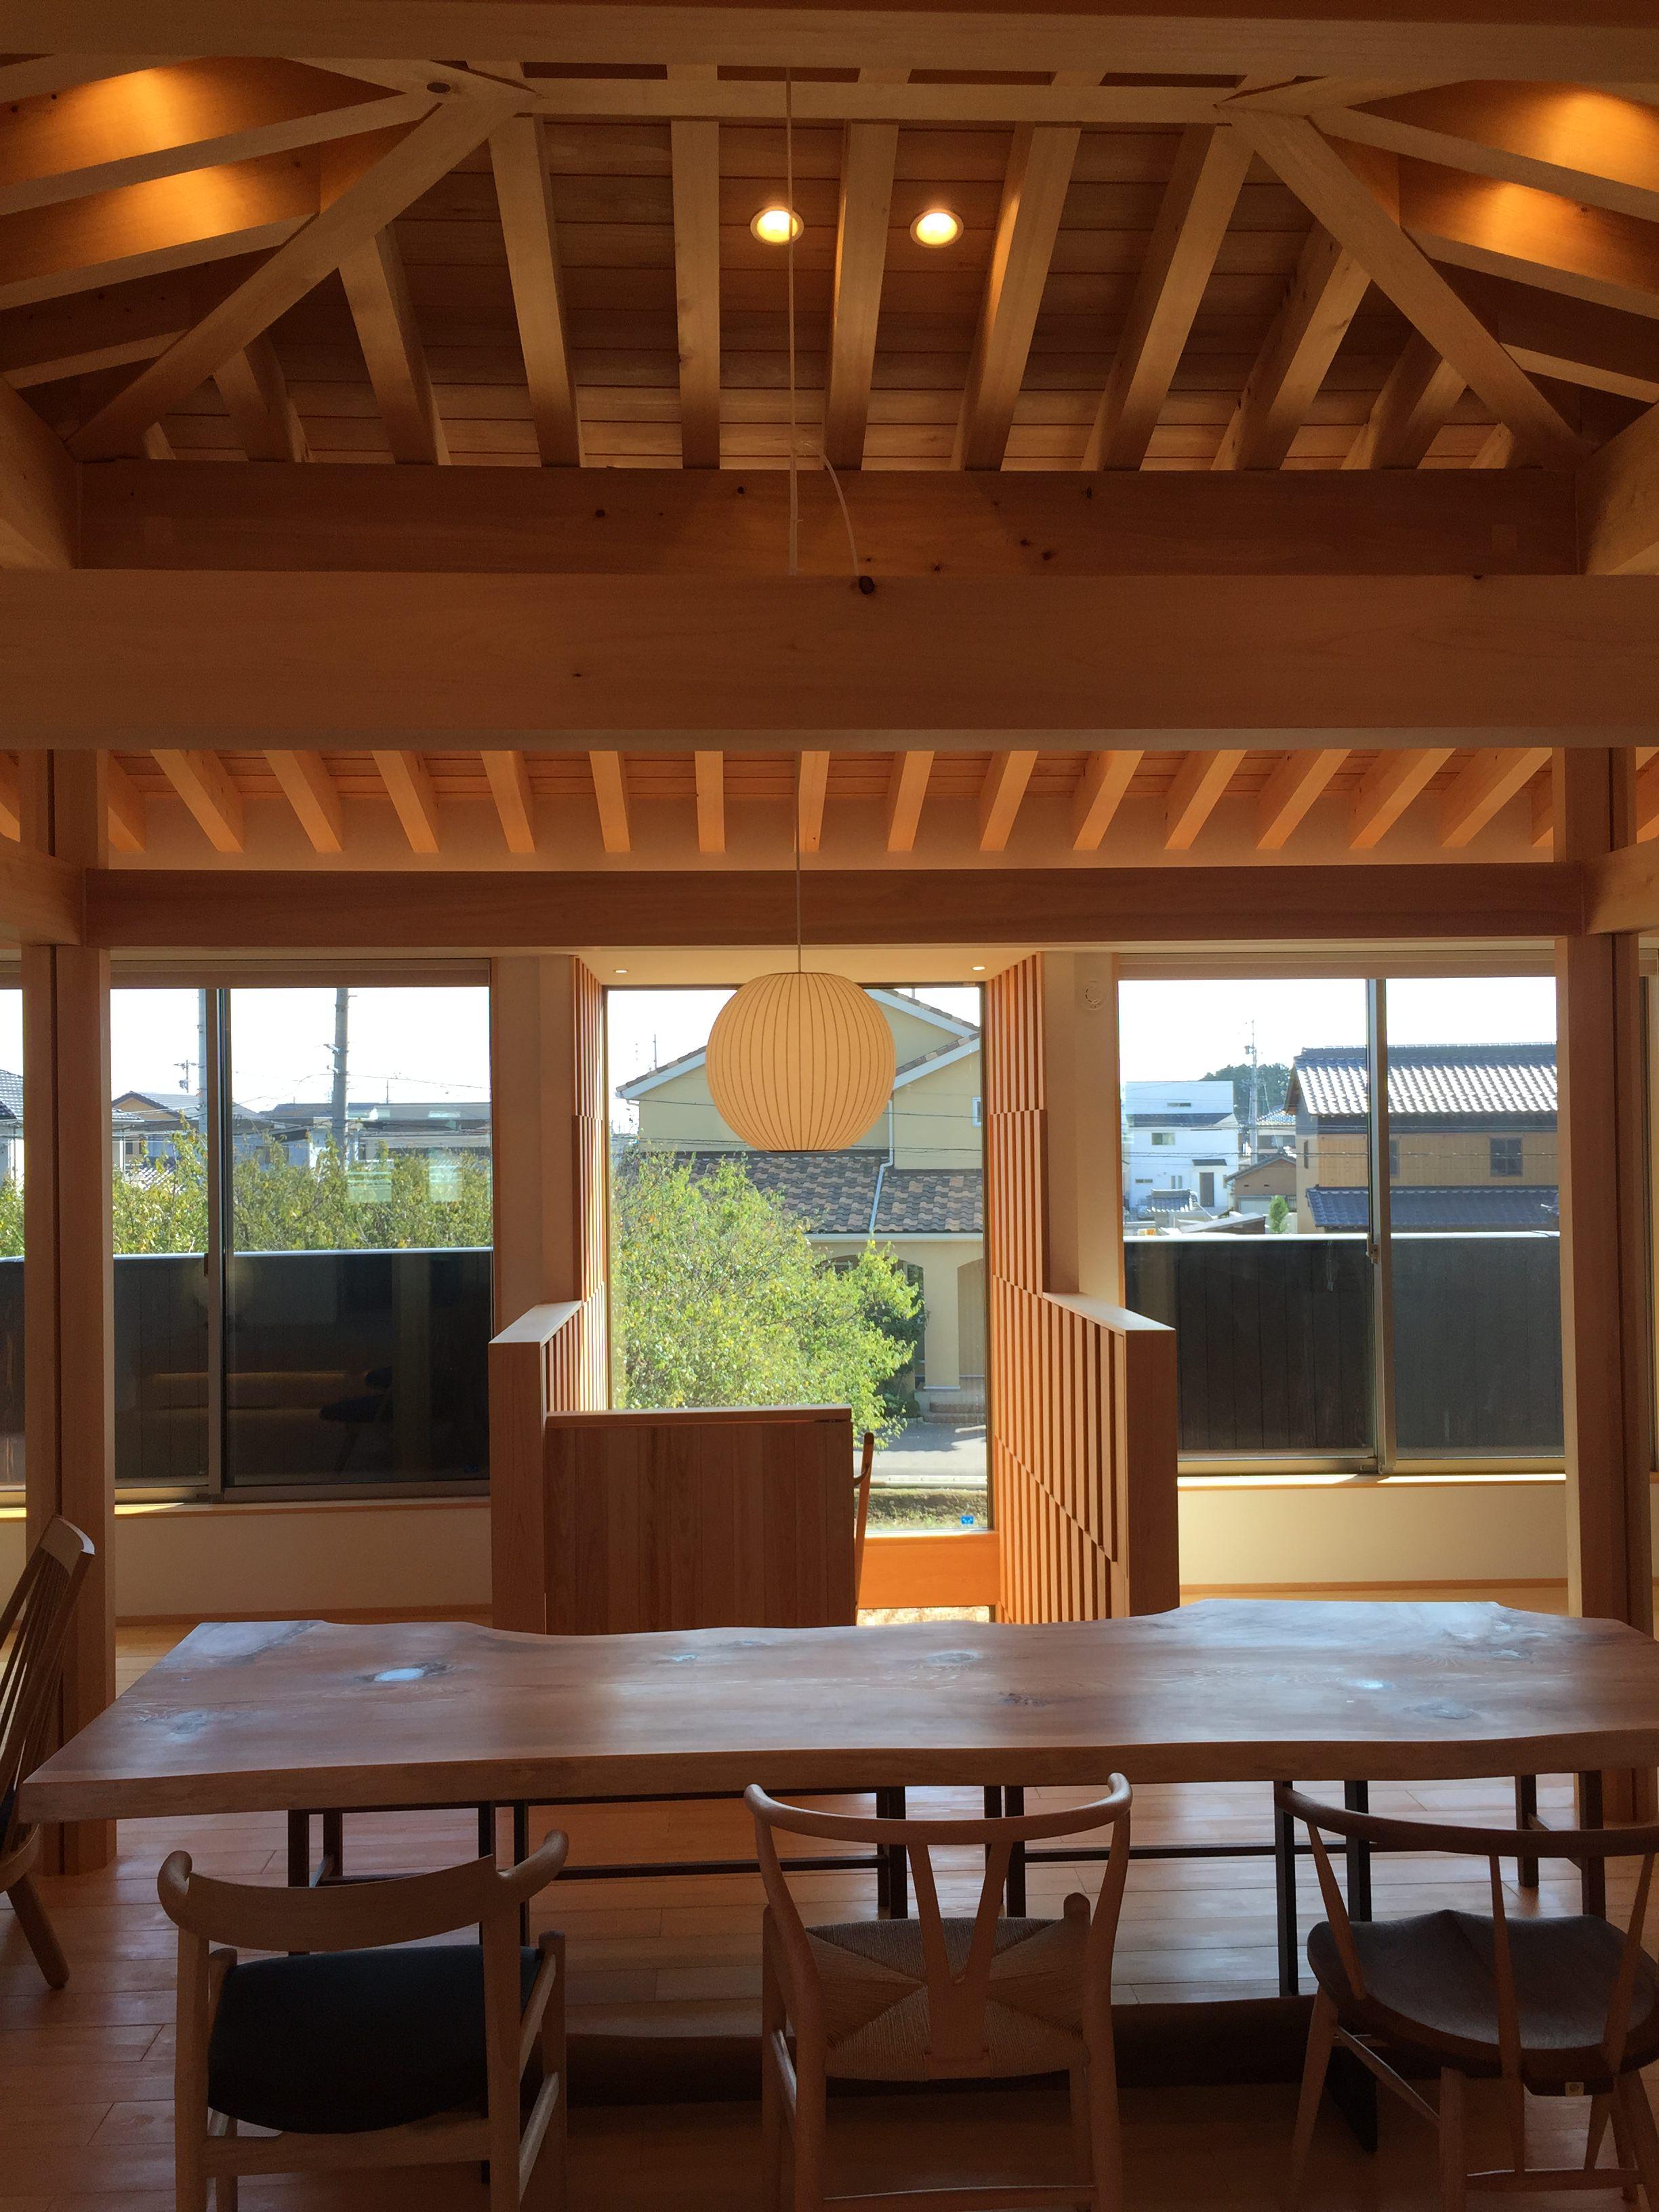 愛知 小牧市「桑原木材㈱モデルハウス」 国産材 木の家 撮影